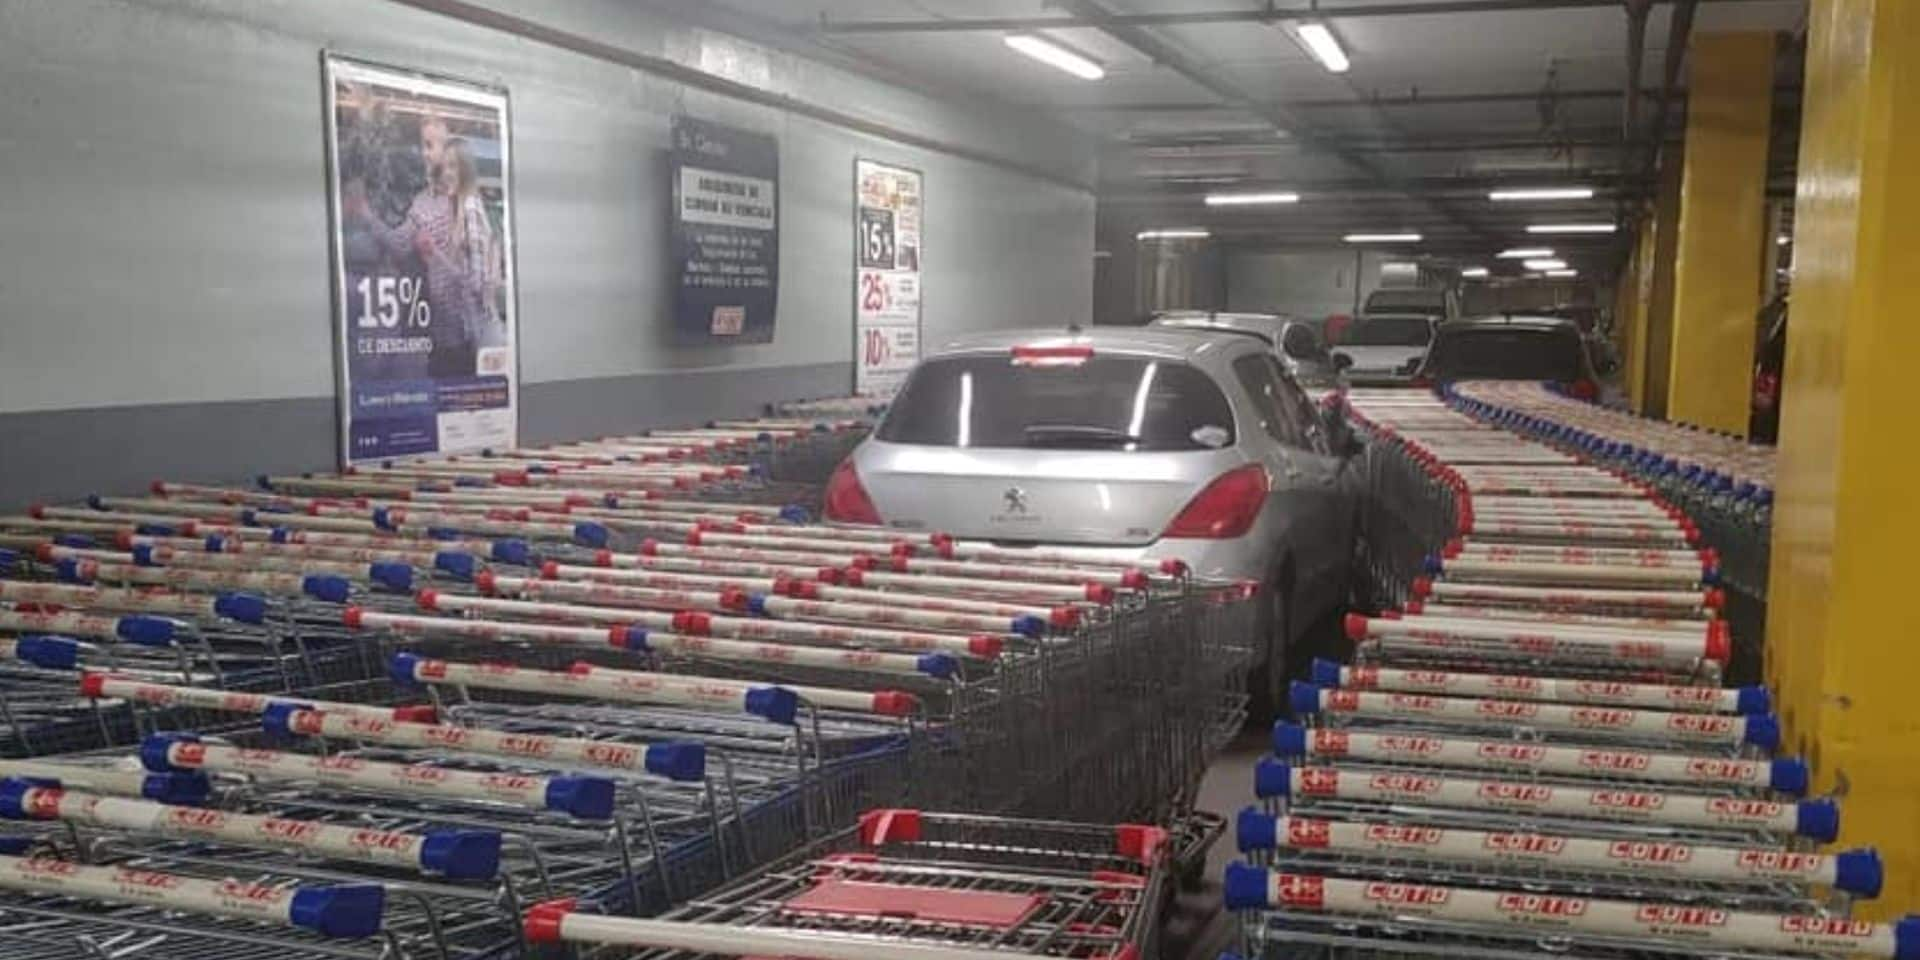 Mal garé dans un supermarché, il retrouve sa voiture entouré... de chariots